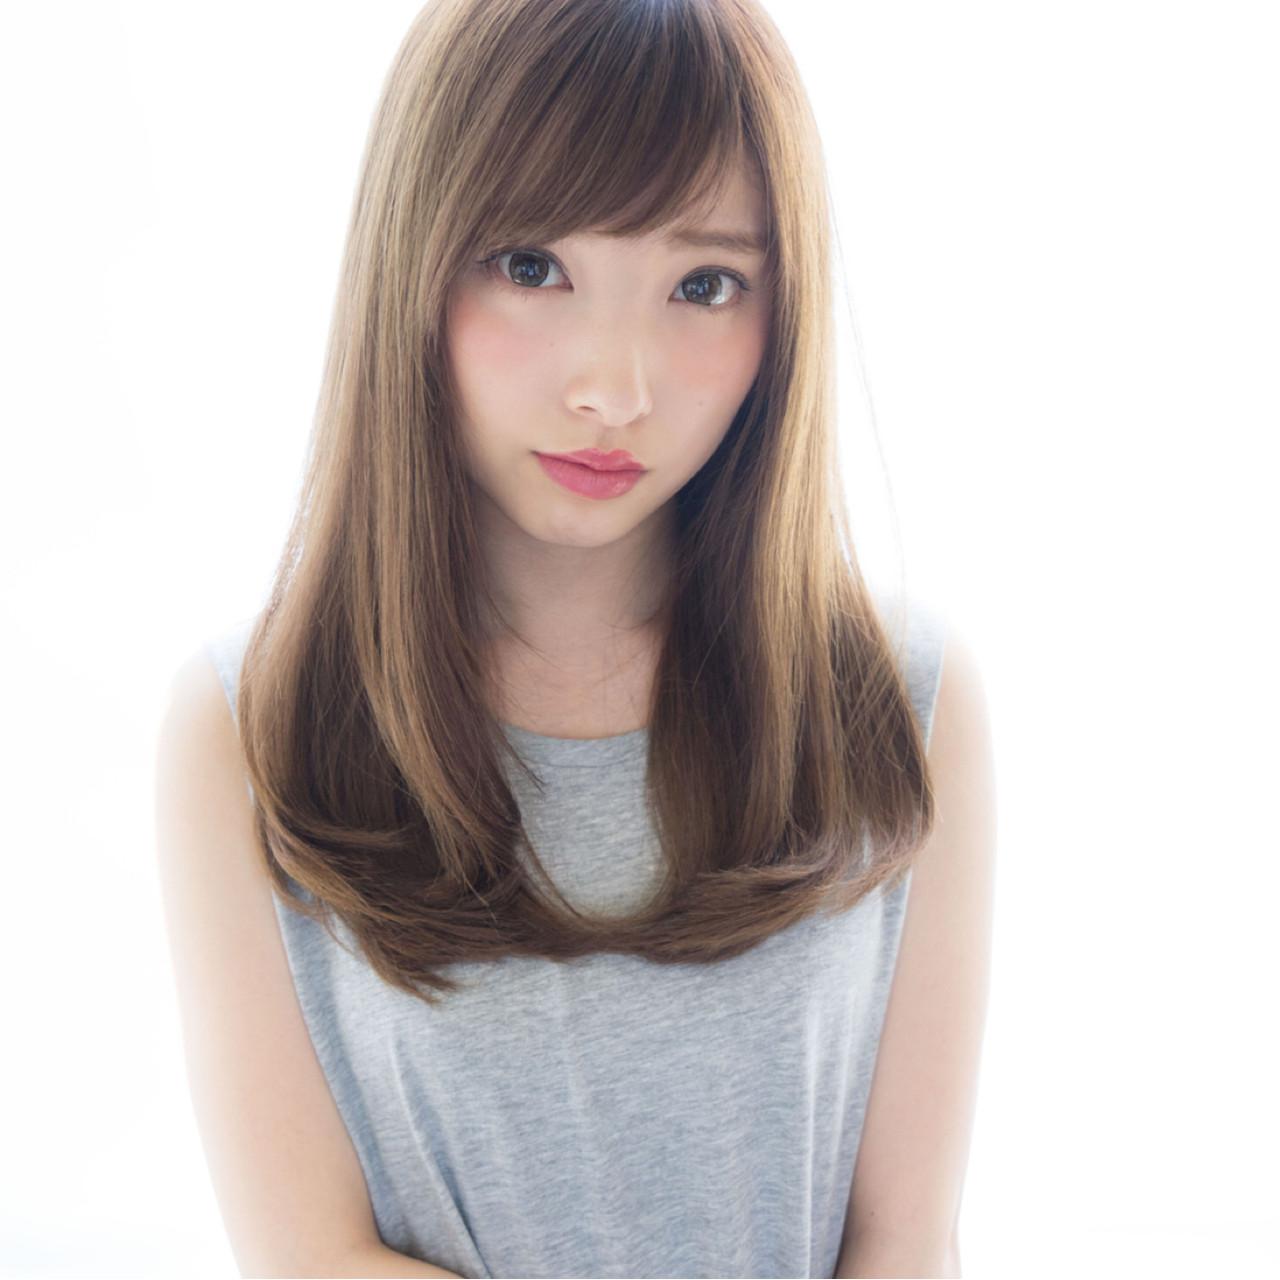 外国人風 ナチュラル セミロング 大人かわいい ヘアスタイルや髪型の写真・画像